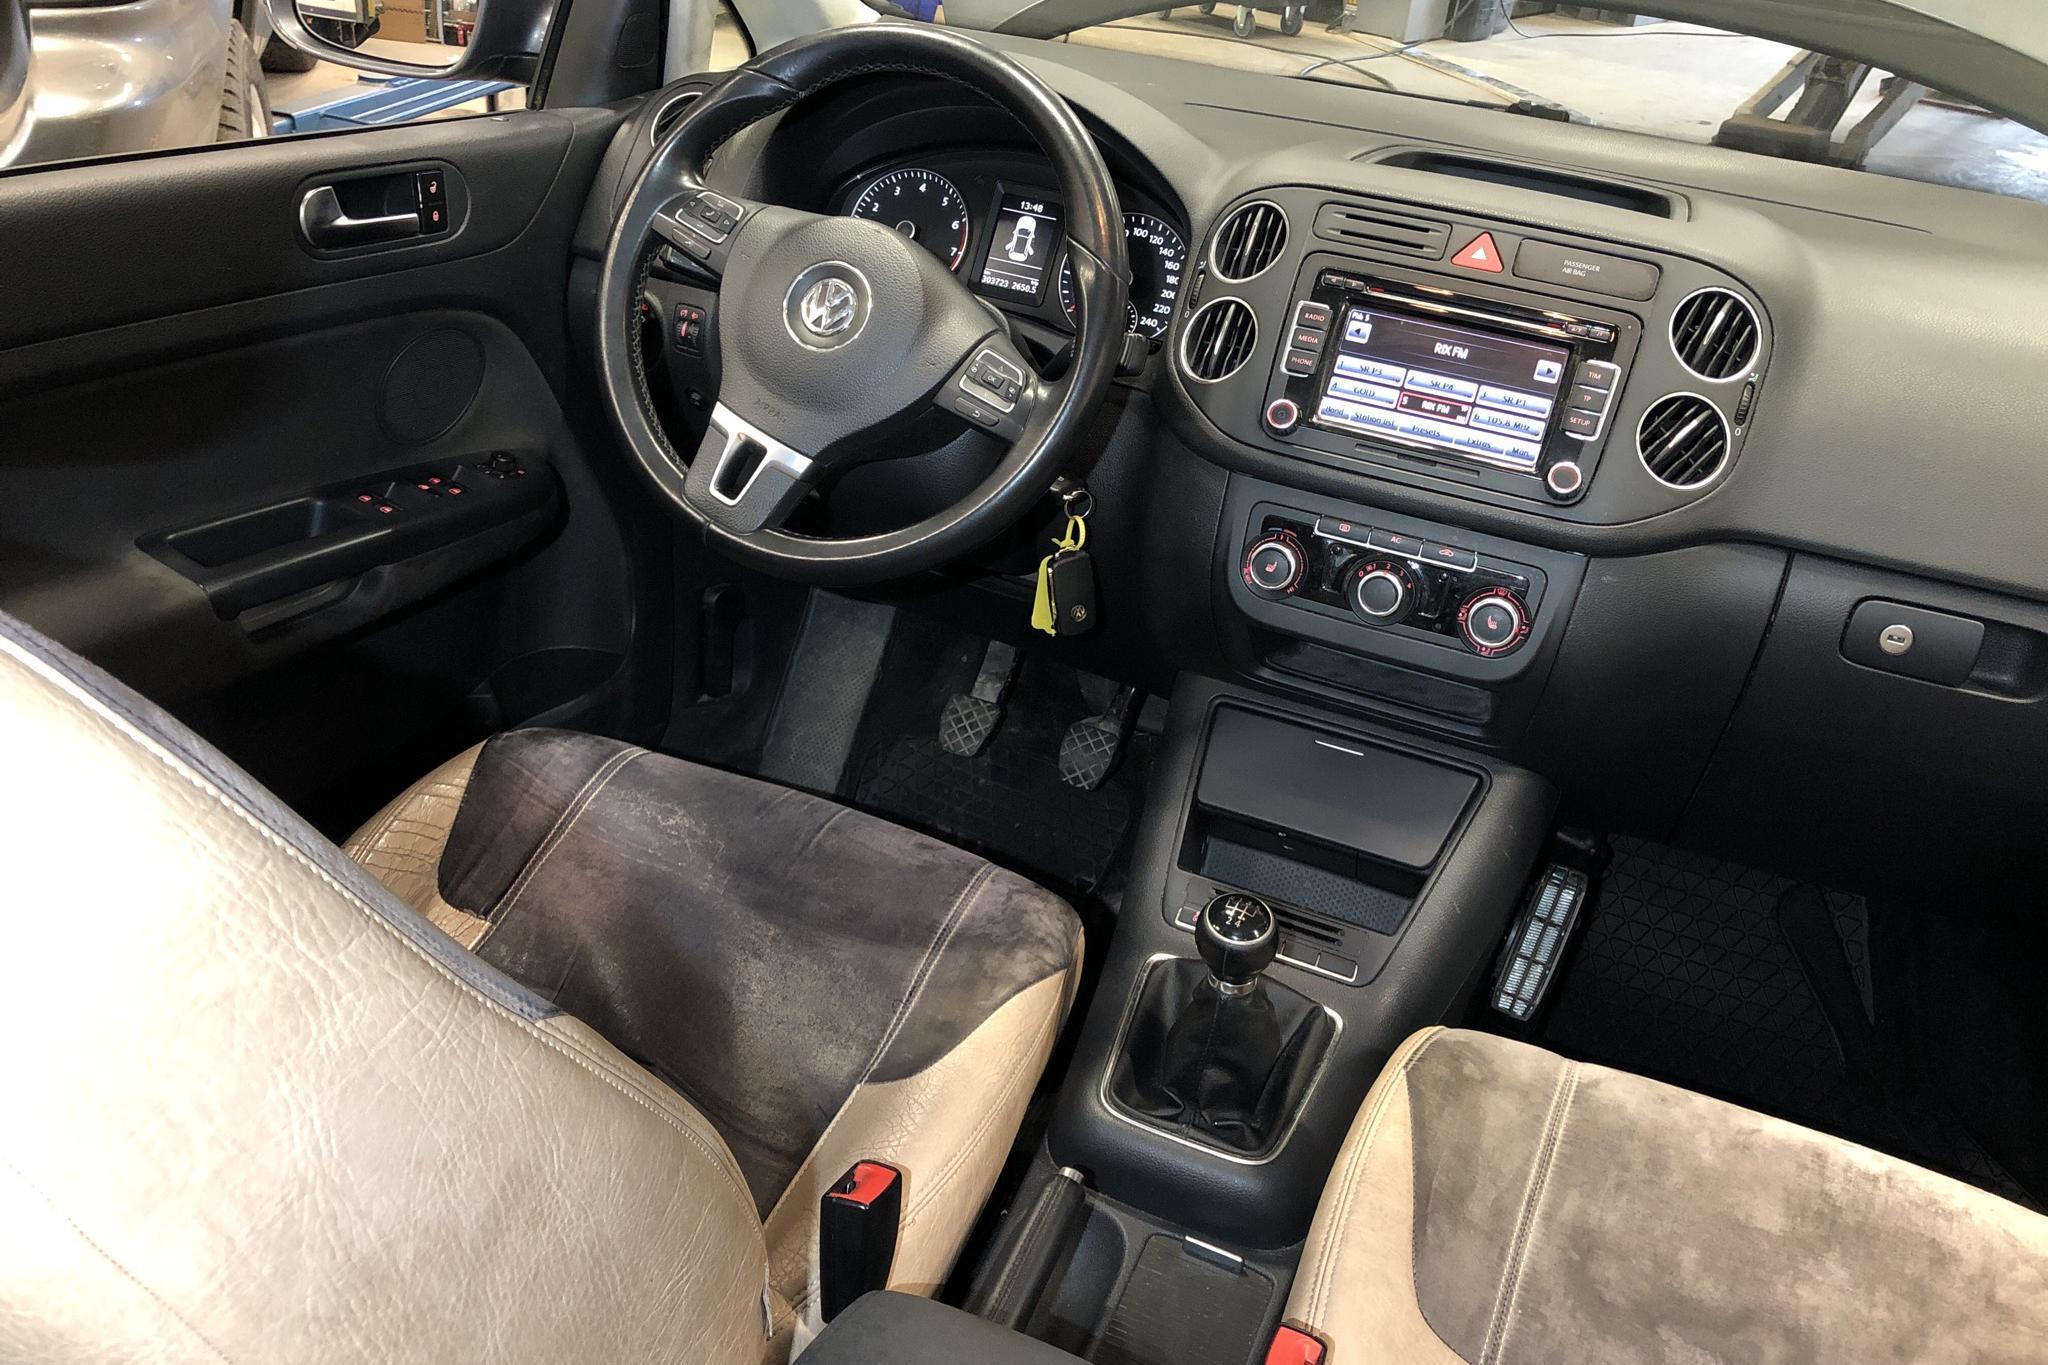 VW Golf VI 1.6 MultiFuel E85 Plus (102hk) - 303 730 km - Manual - gray - 2012